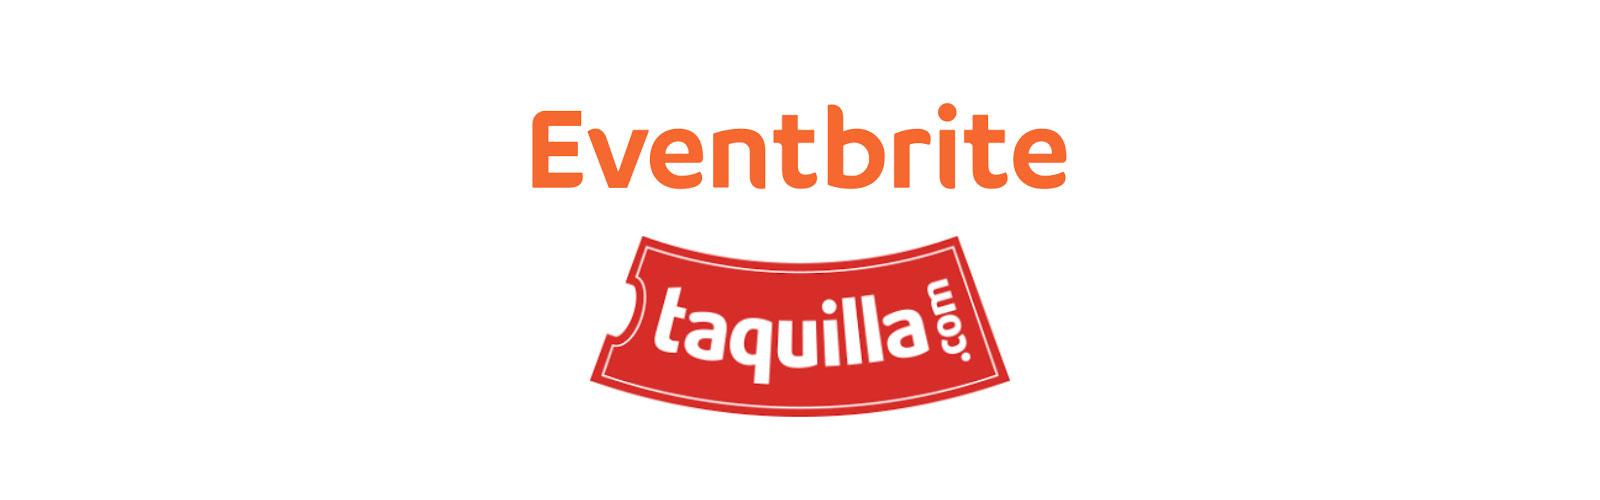 eventbrite-taquilla